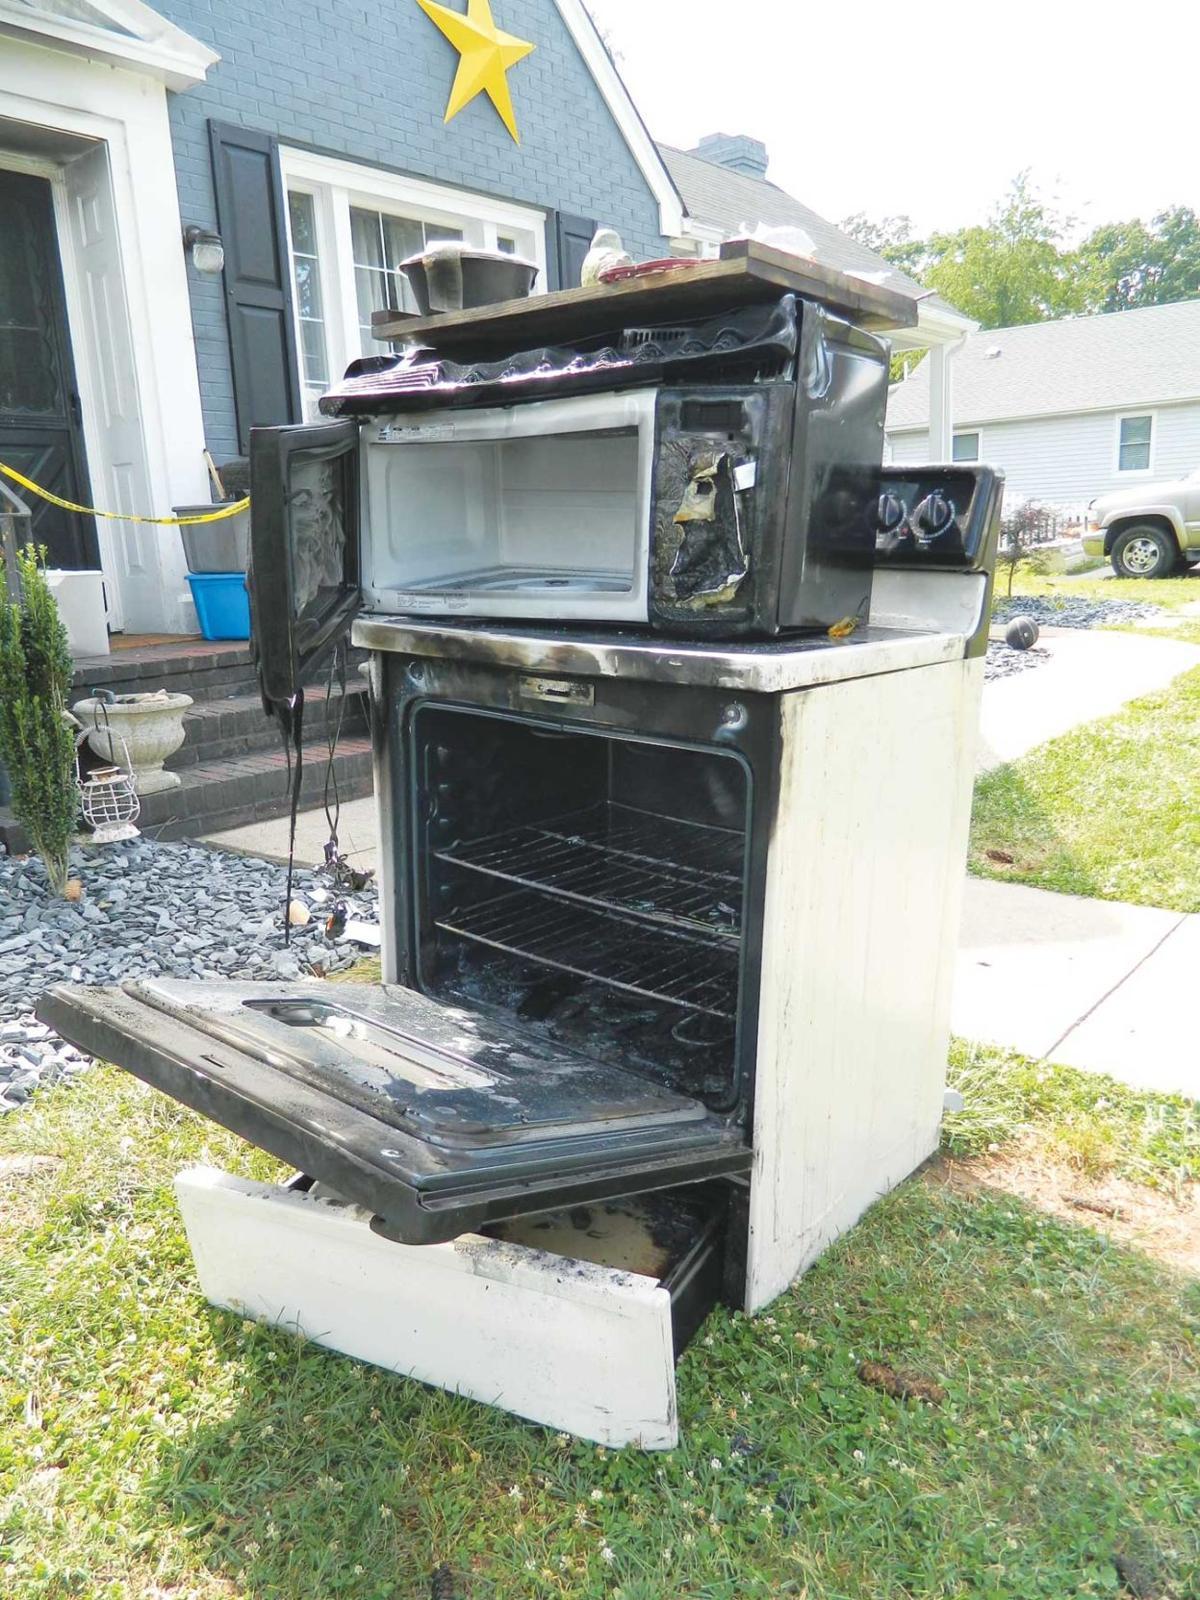 Burnt appliances